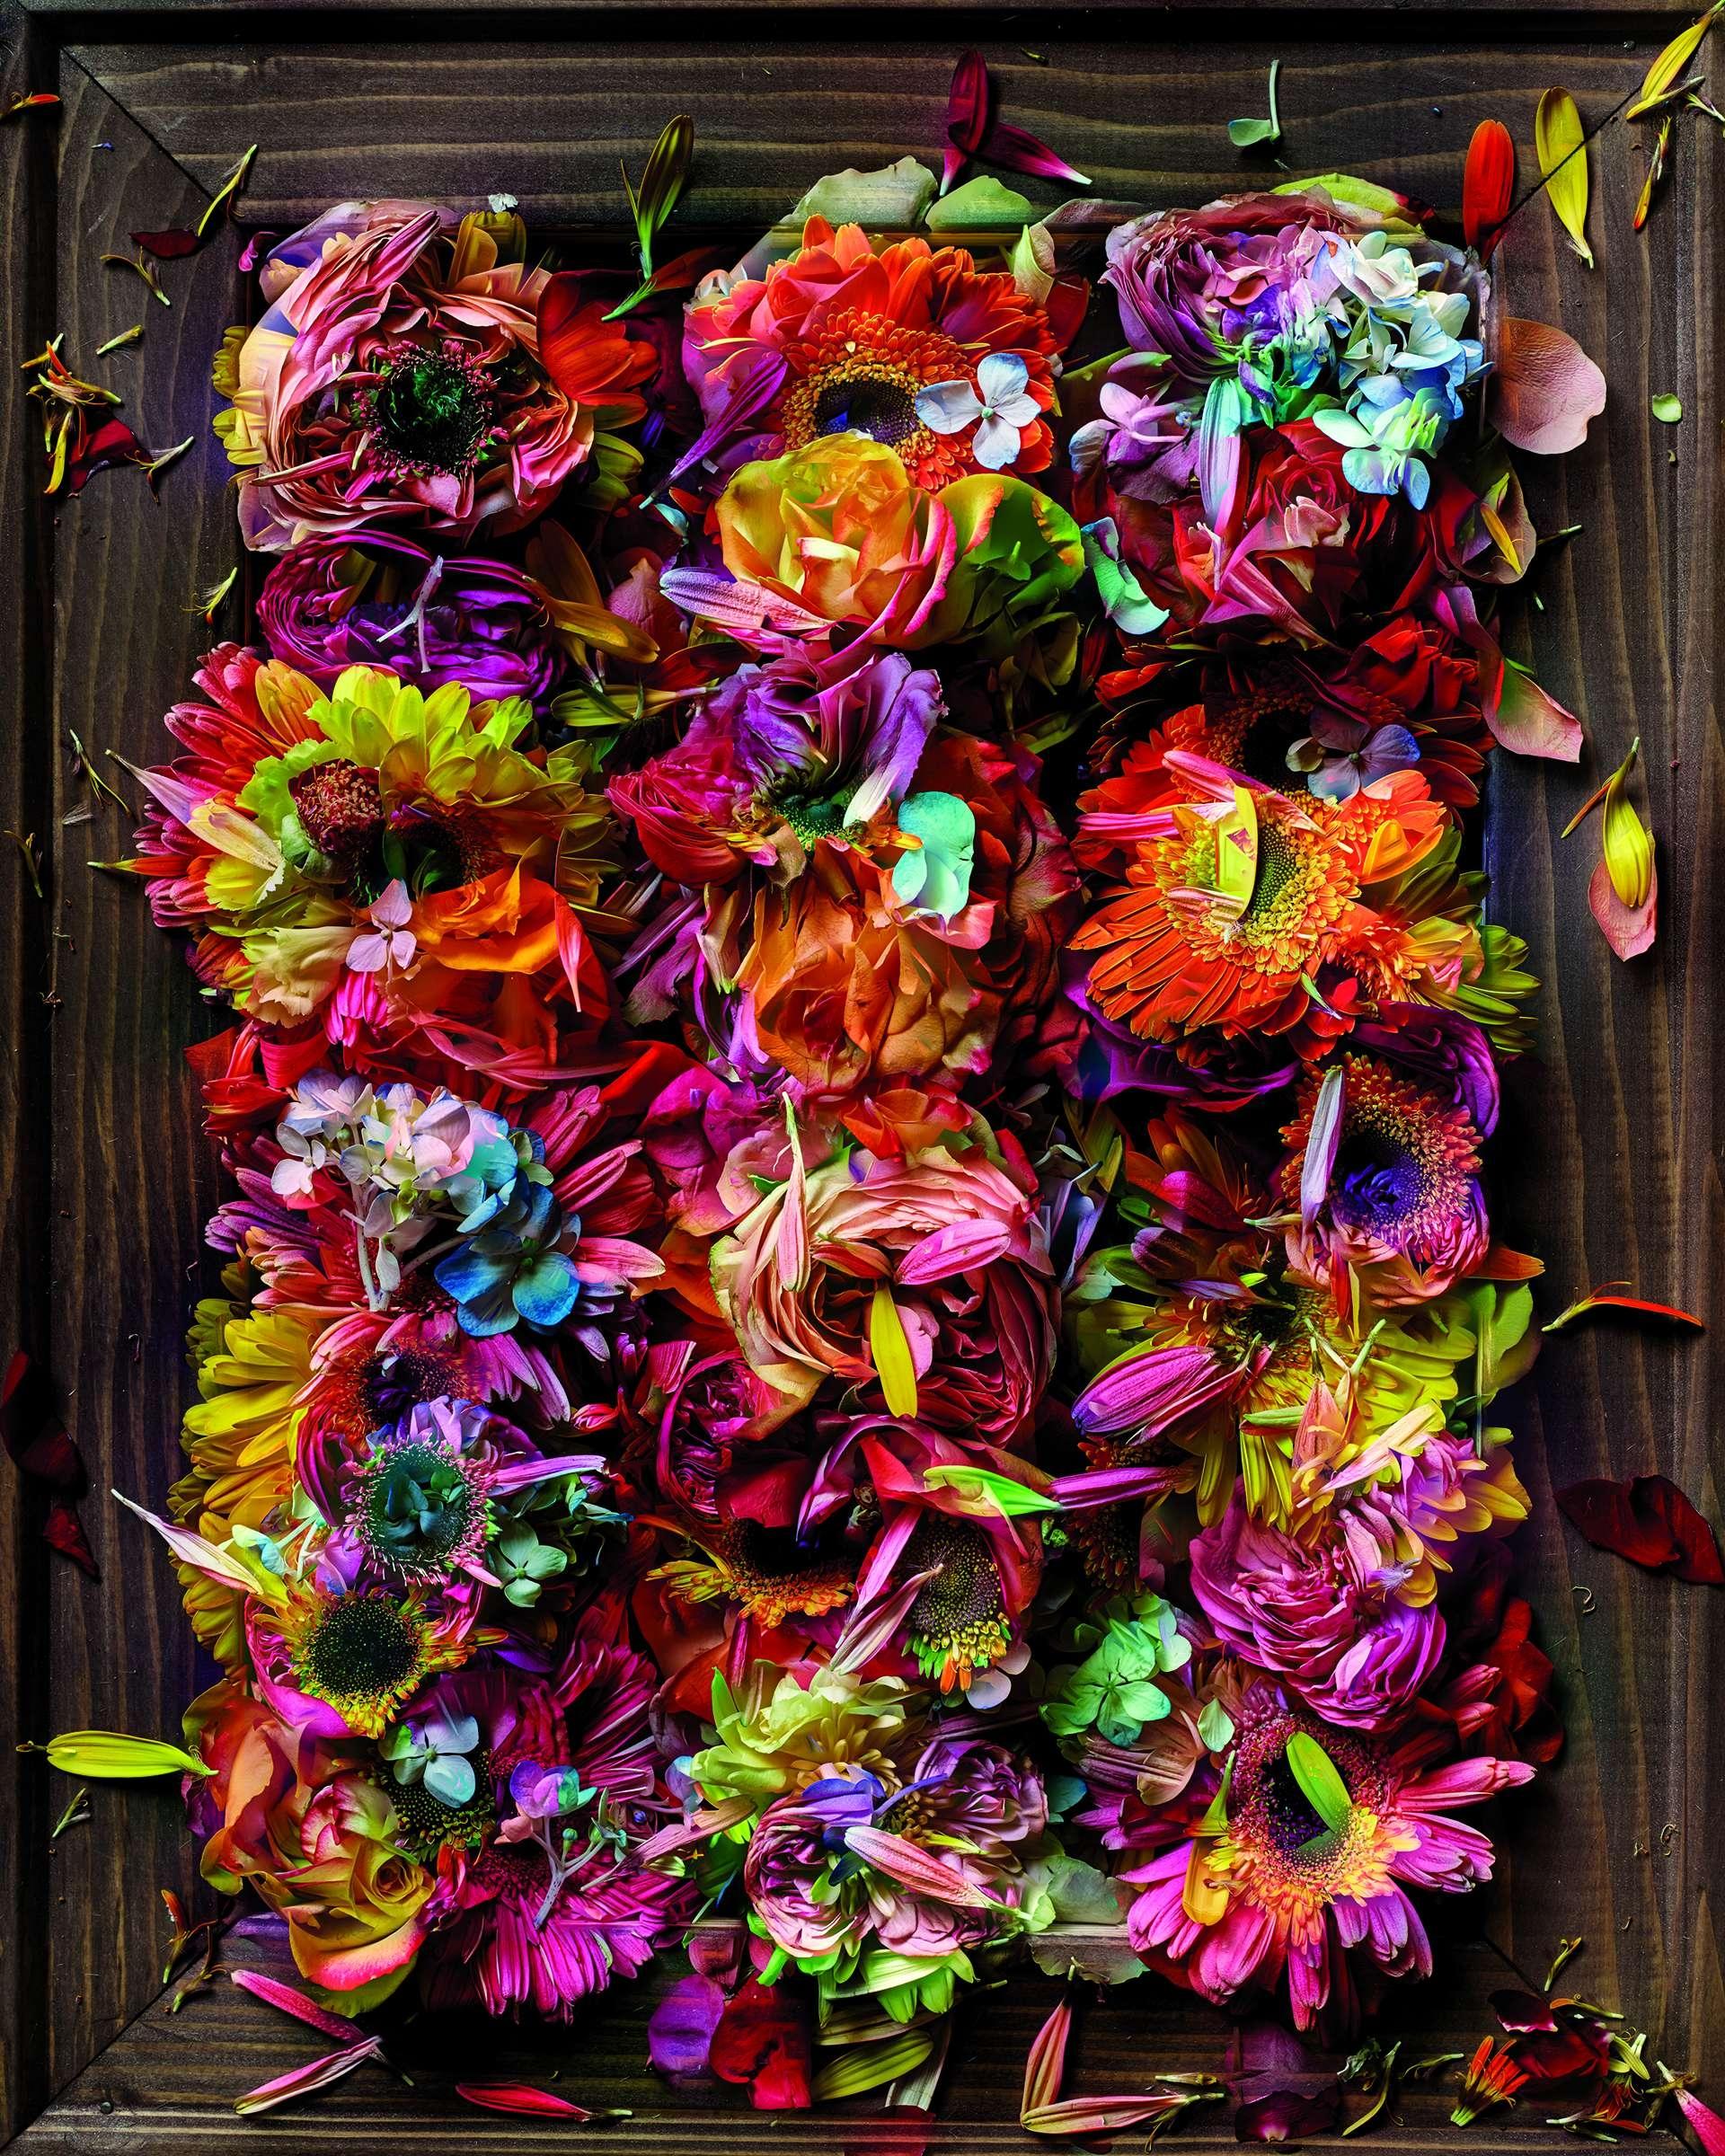 莫瑞爾在顏料和道具的輔助下布置花朵以重現名畫和藝術風格,再以他的想像力添加裝飾。攝影:阿貝拉多.莫瑞爾